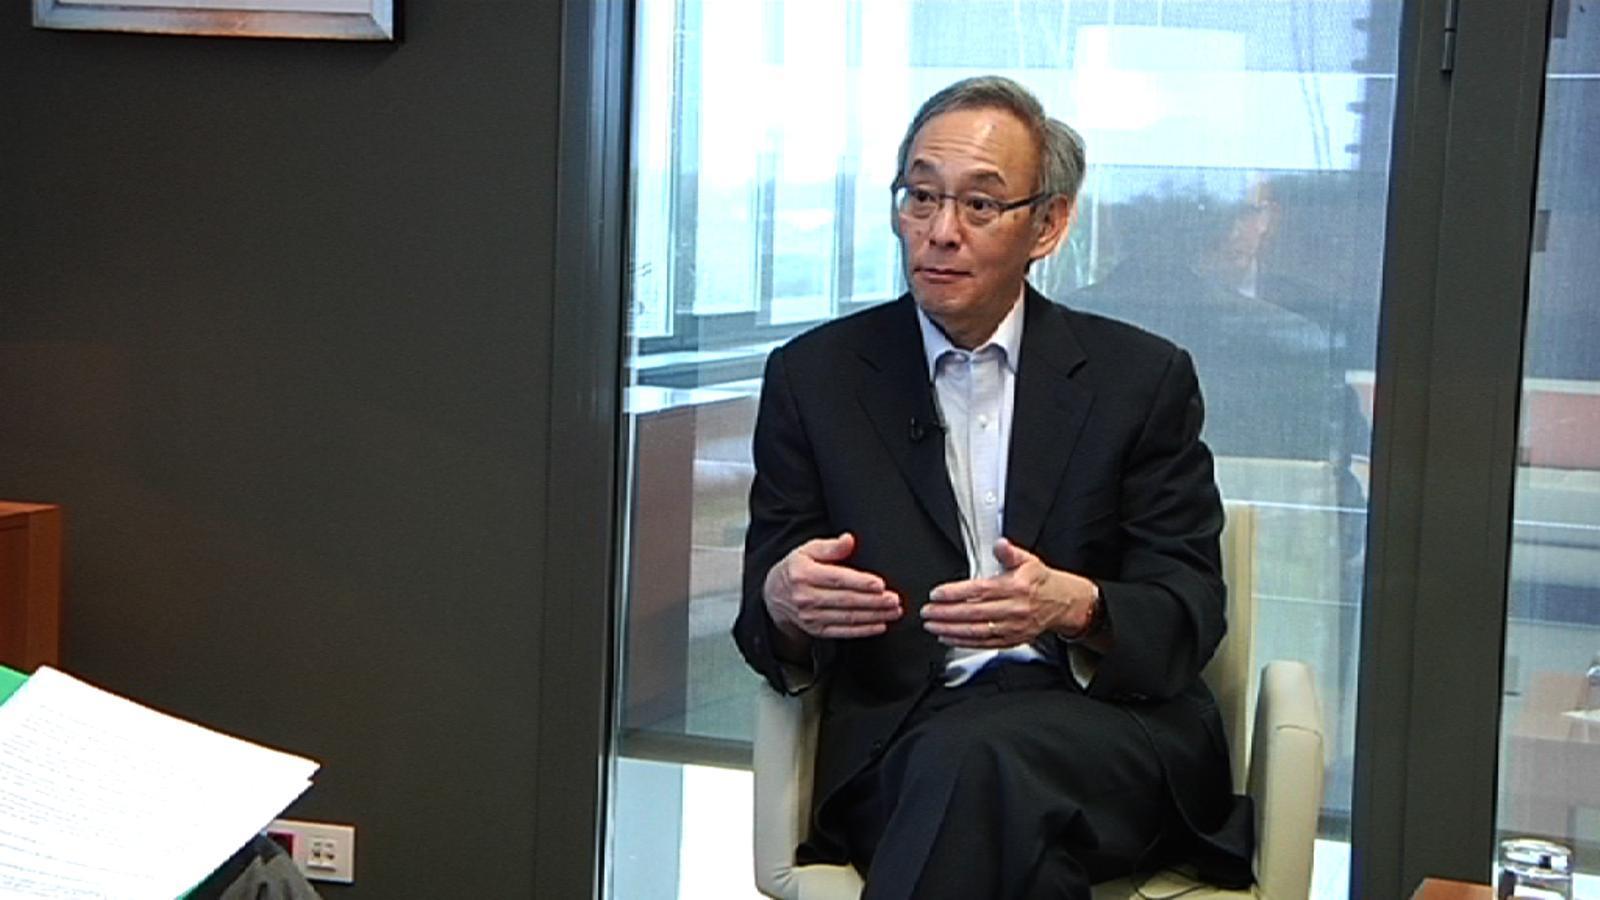 Steven Chu: Seguim tenint un problema per emmagatzemar energia, però això es pot solucionar